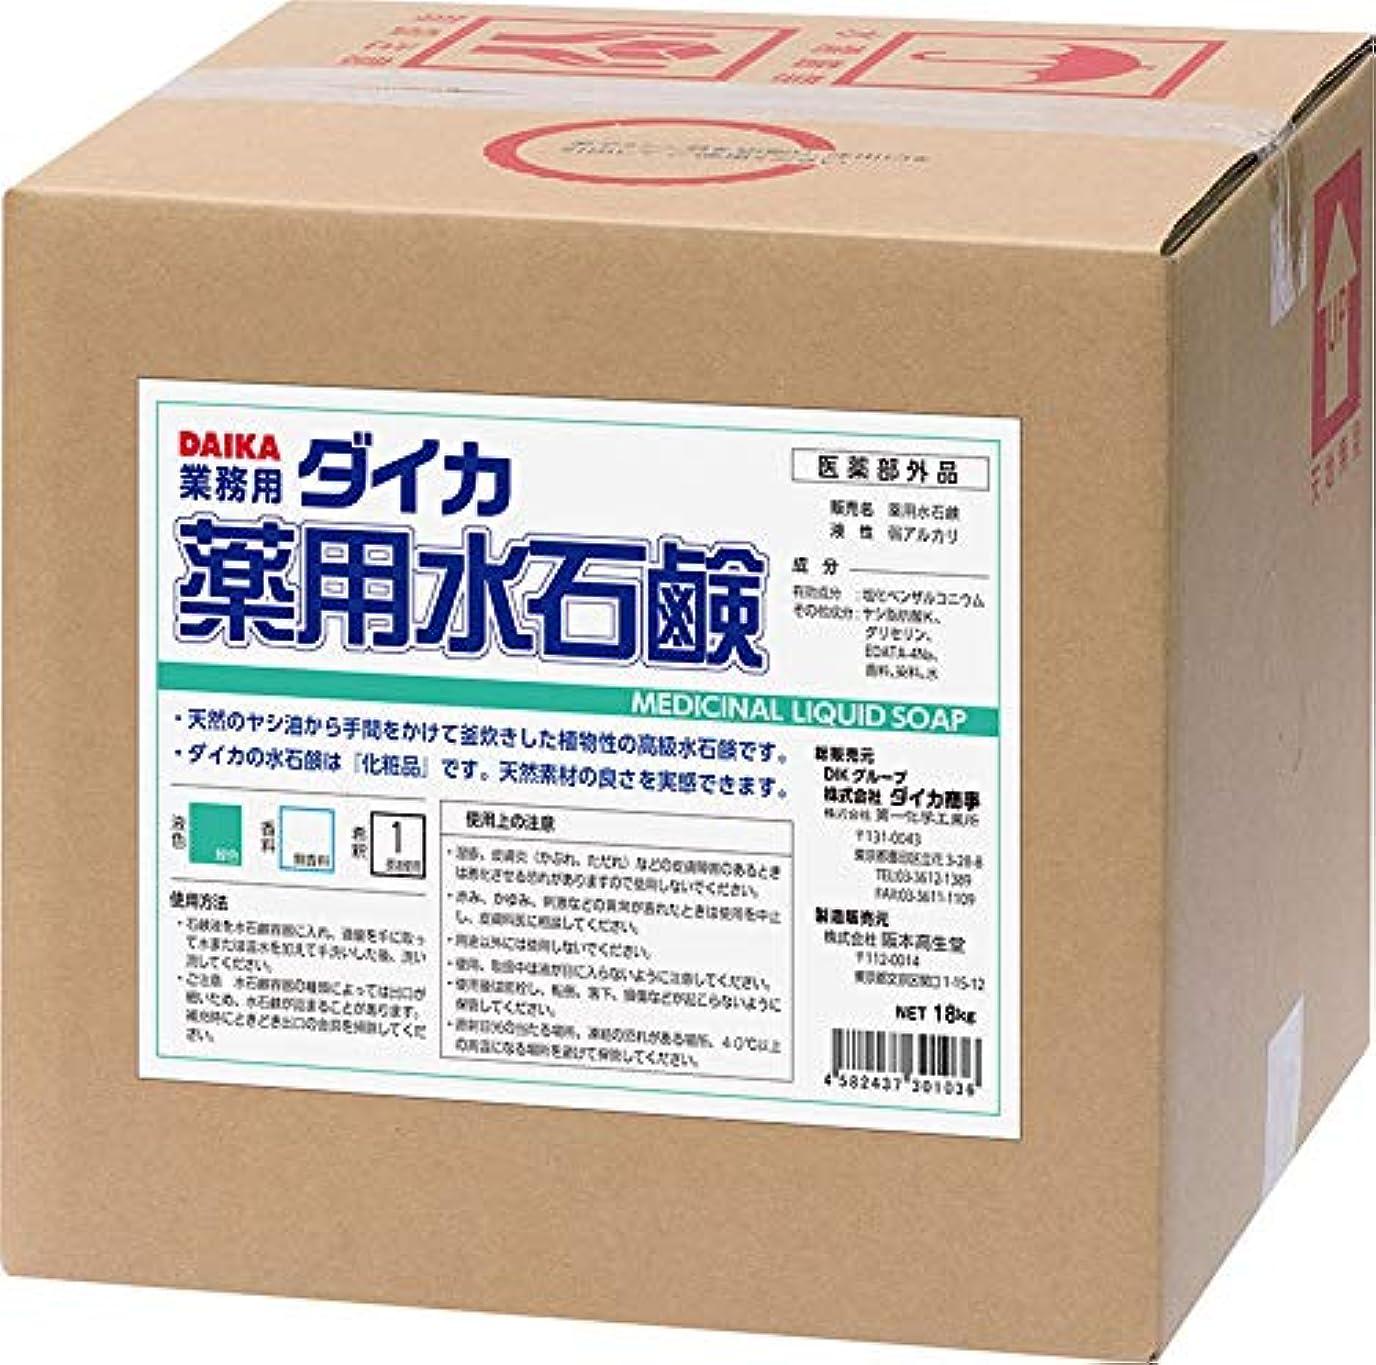 【医薬部外品】業務用 ハンドソープ ダイカ 薬用 水石鹸 MGN 18kg